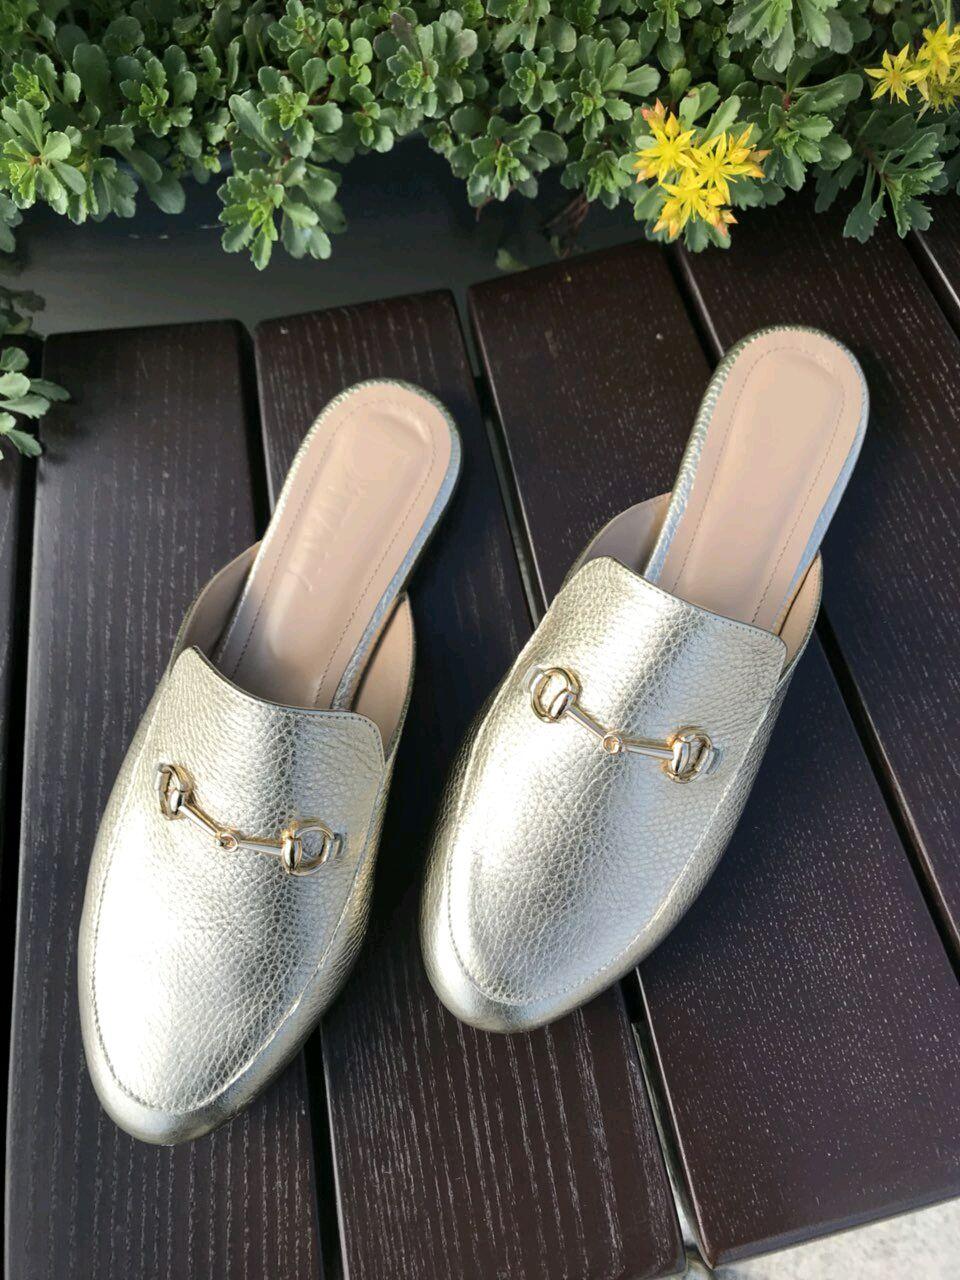 Обувь ручной работы. Ярмарка Мастеров - ручная работа. Купить Мюли. Handmade. Обувь, мюли